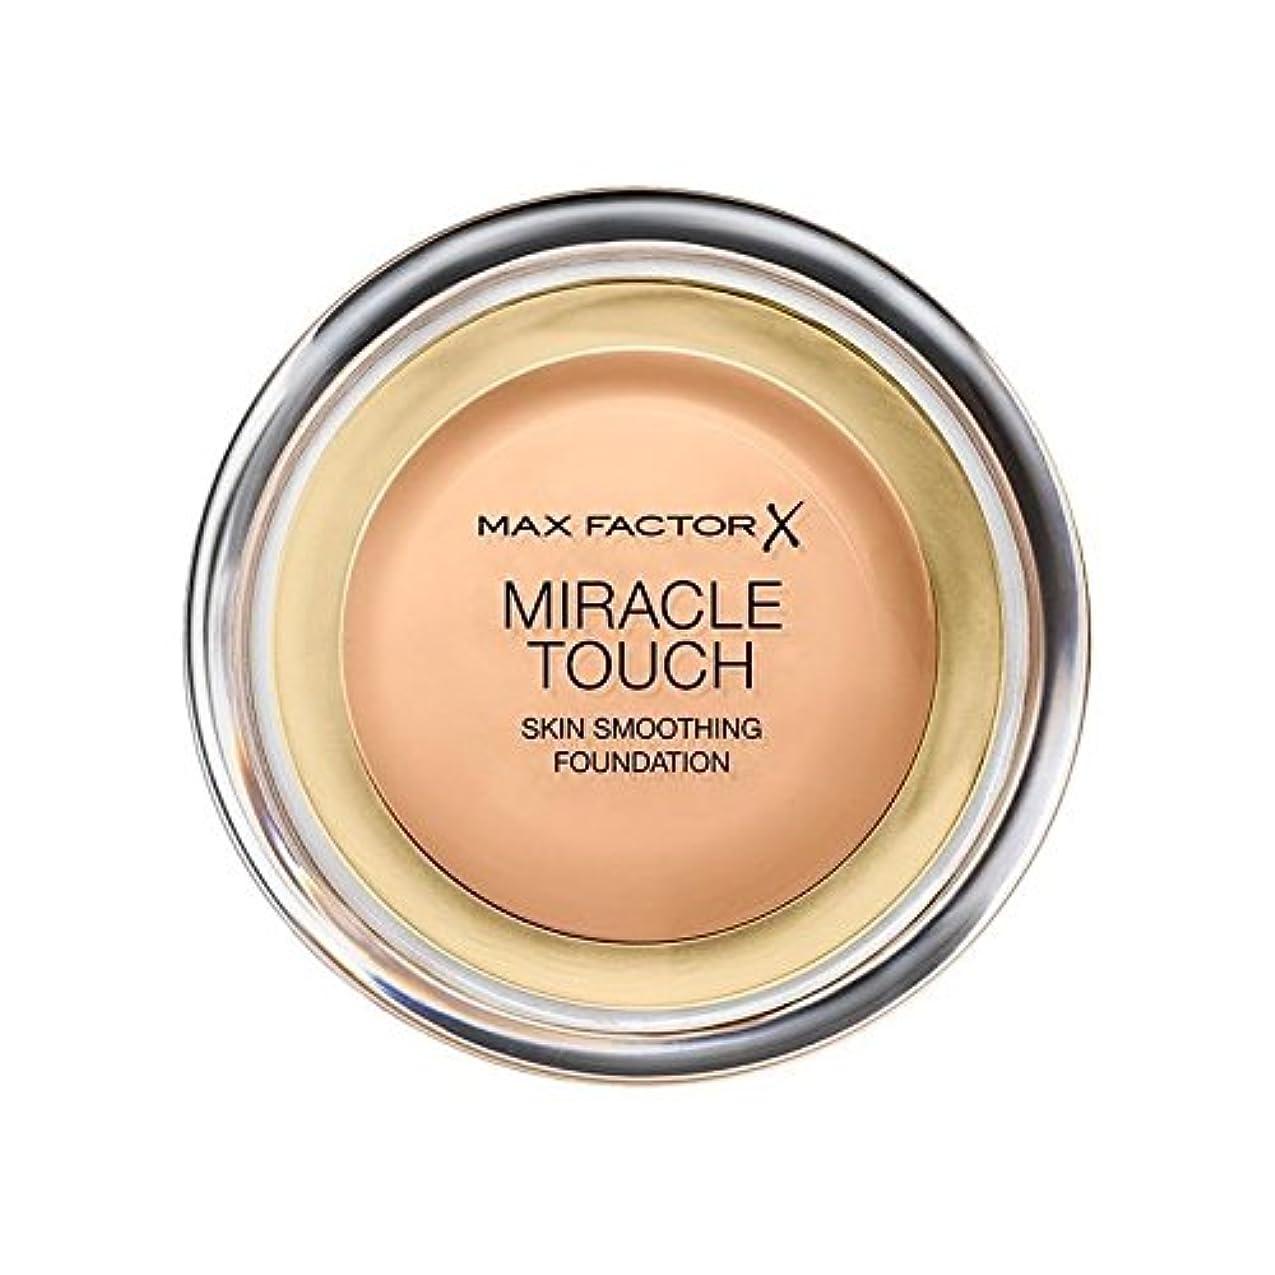 スーツ時シネマMax Factor Miracle Touch Foundation Golden 75 - マックスファクターの奇跡のタッチ基盤黄金の75 [並行輸入品]